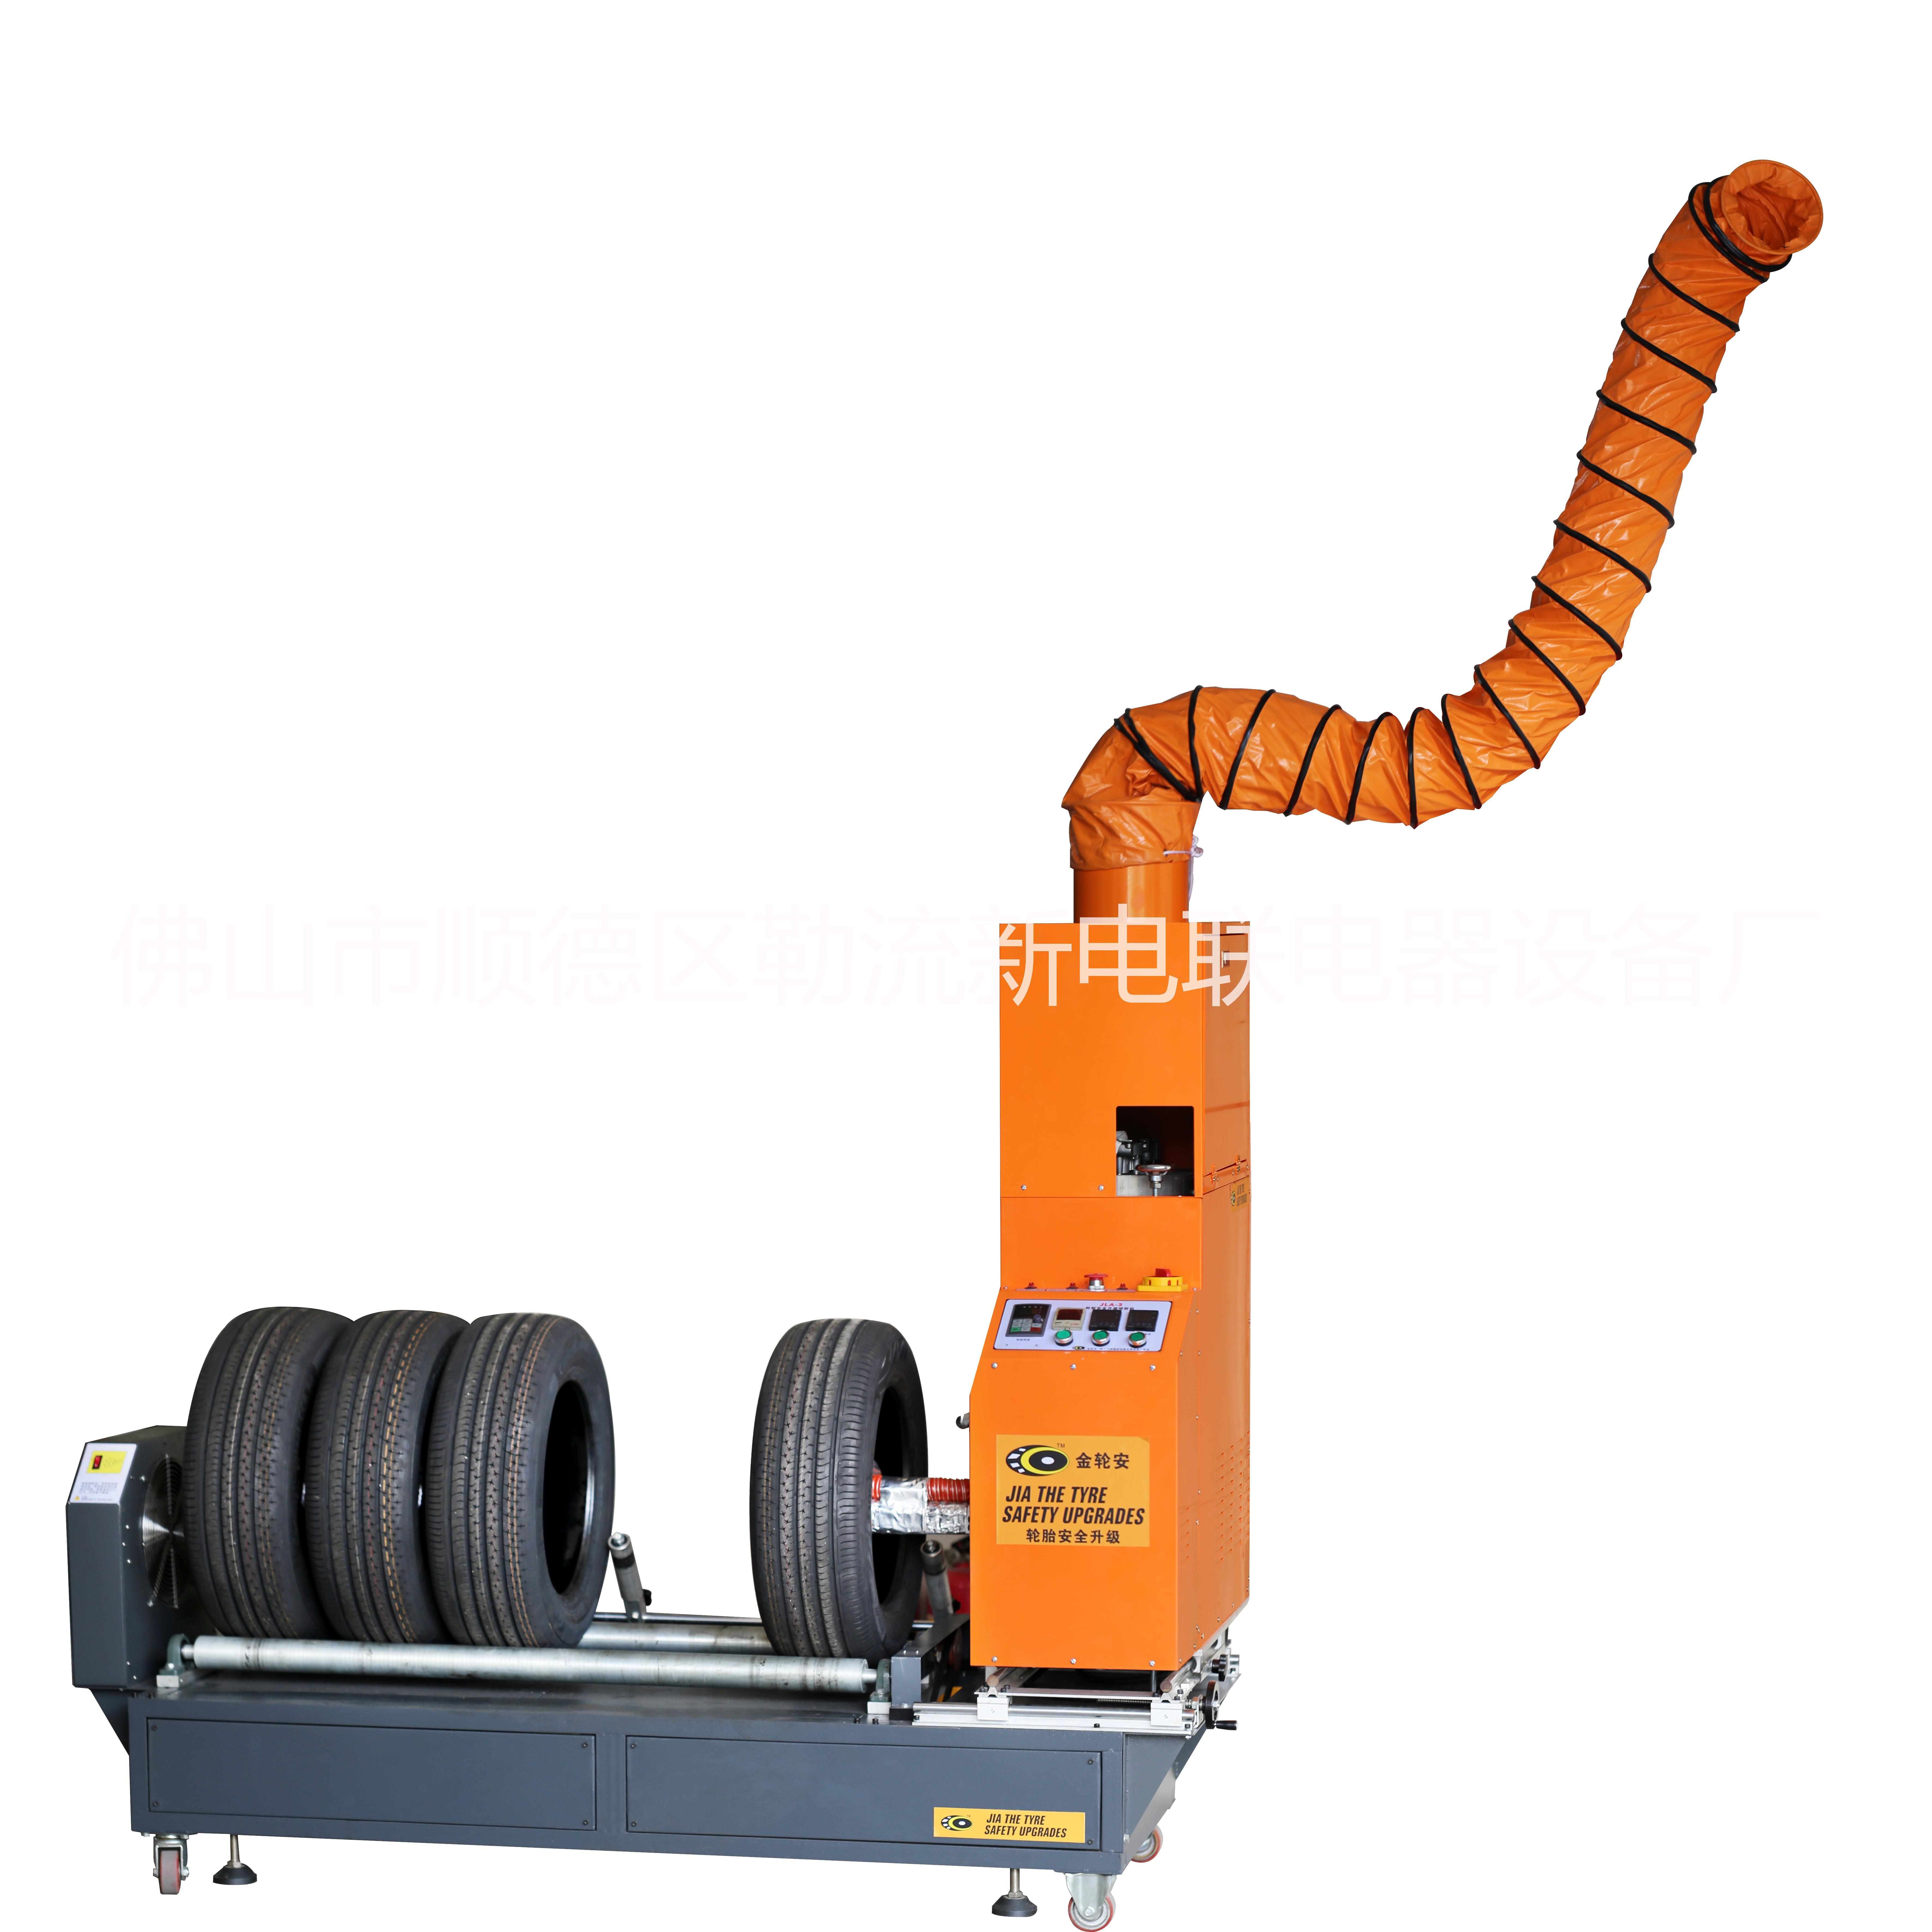 轮胎喷胶机厂家/供应商/报价